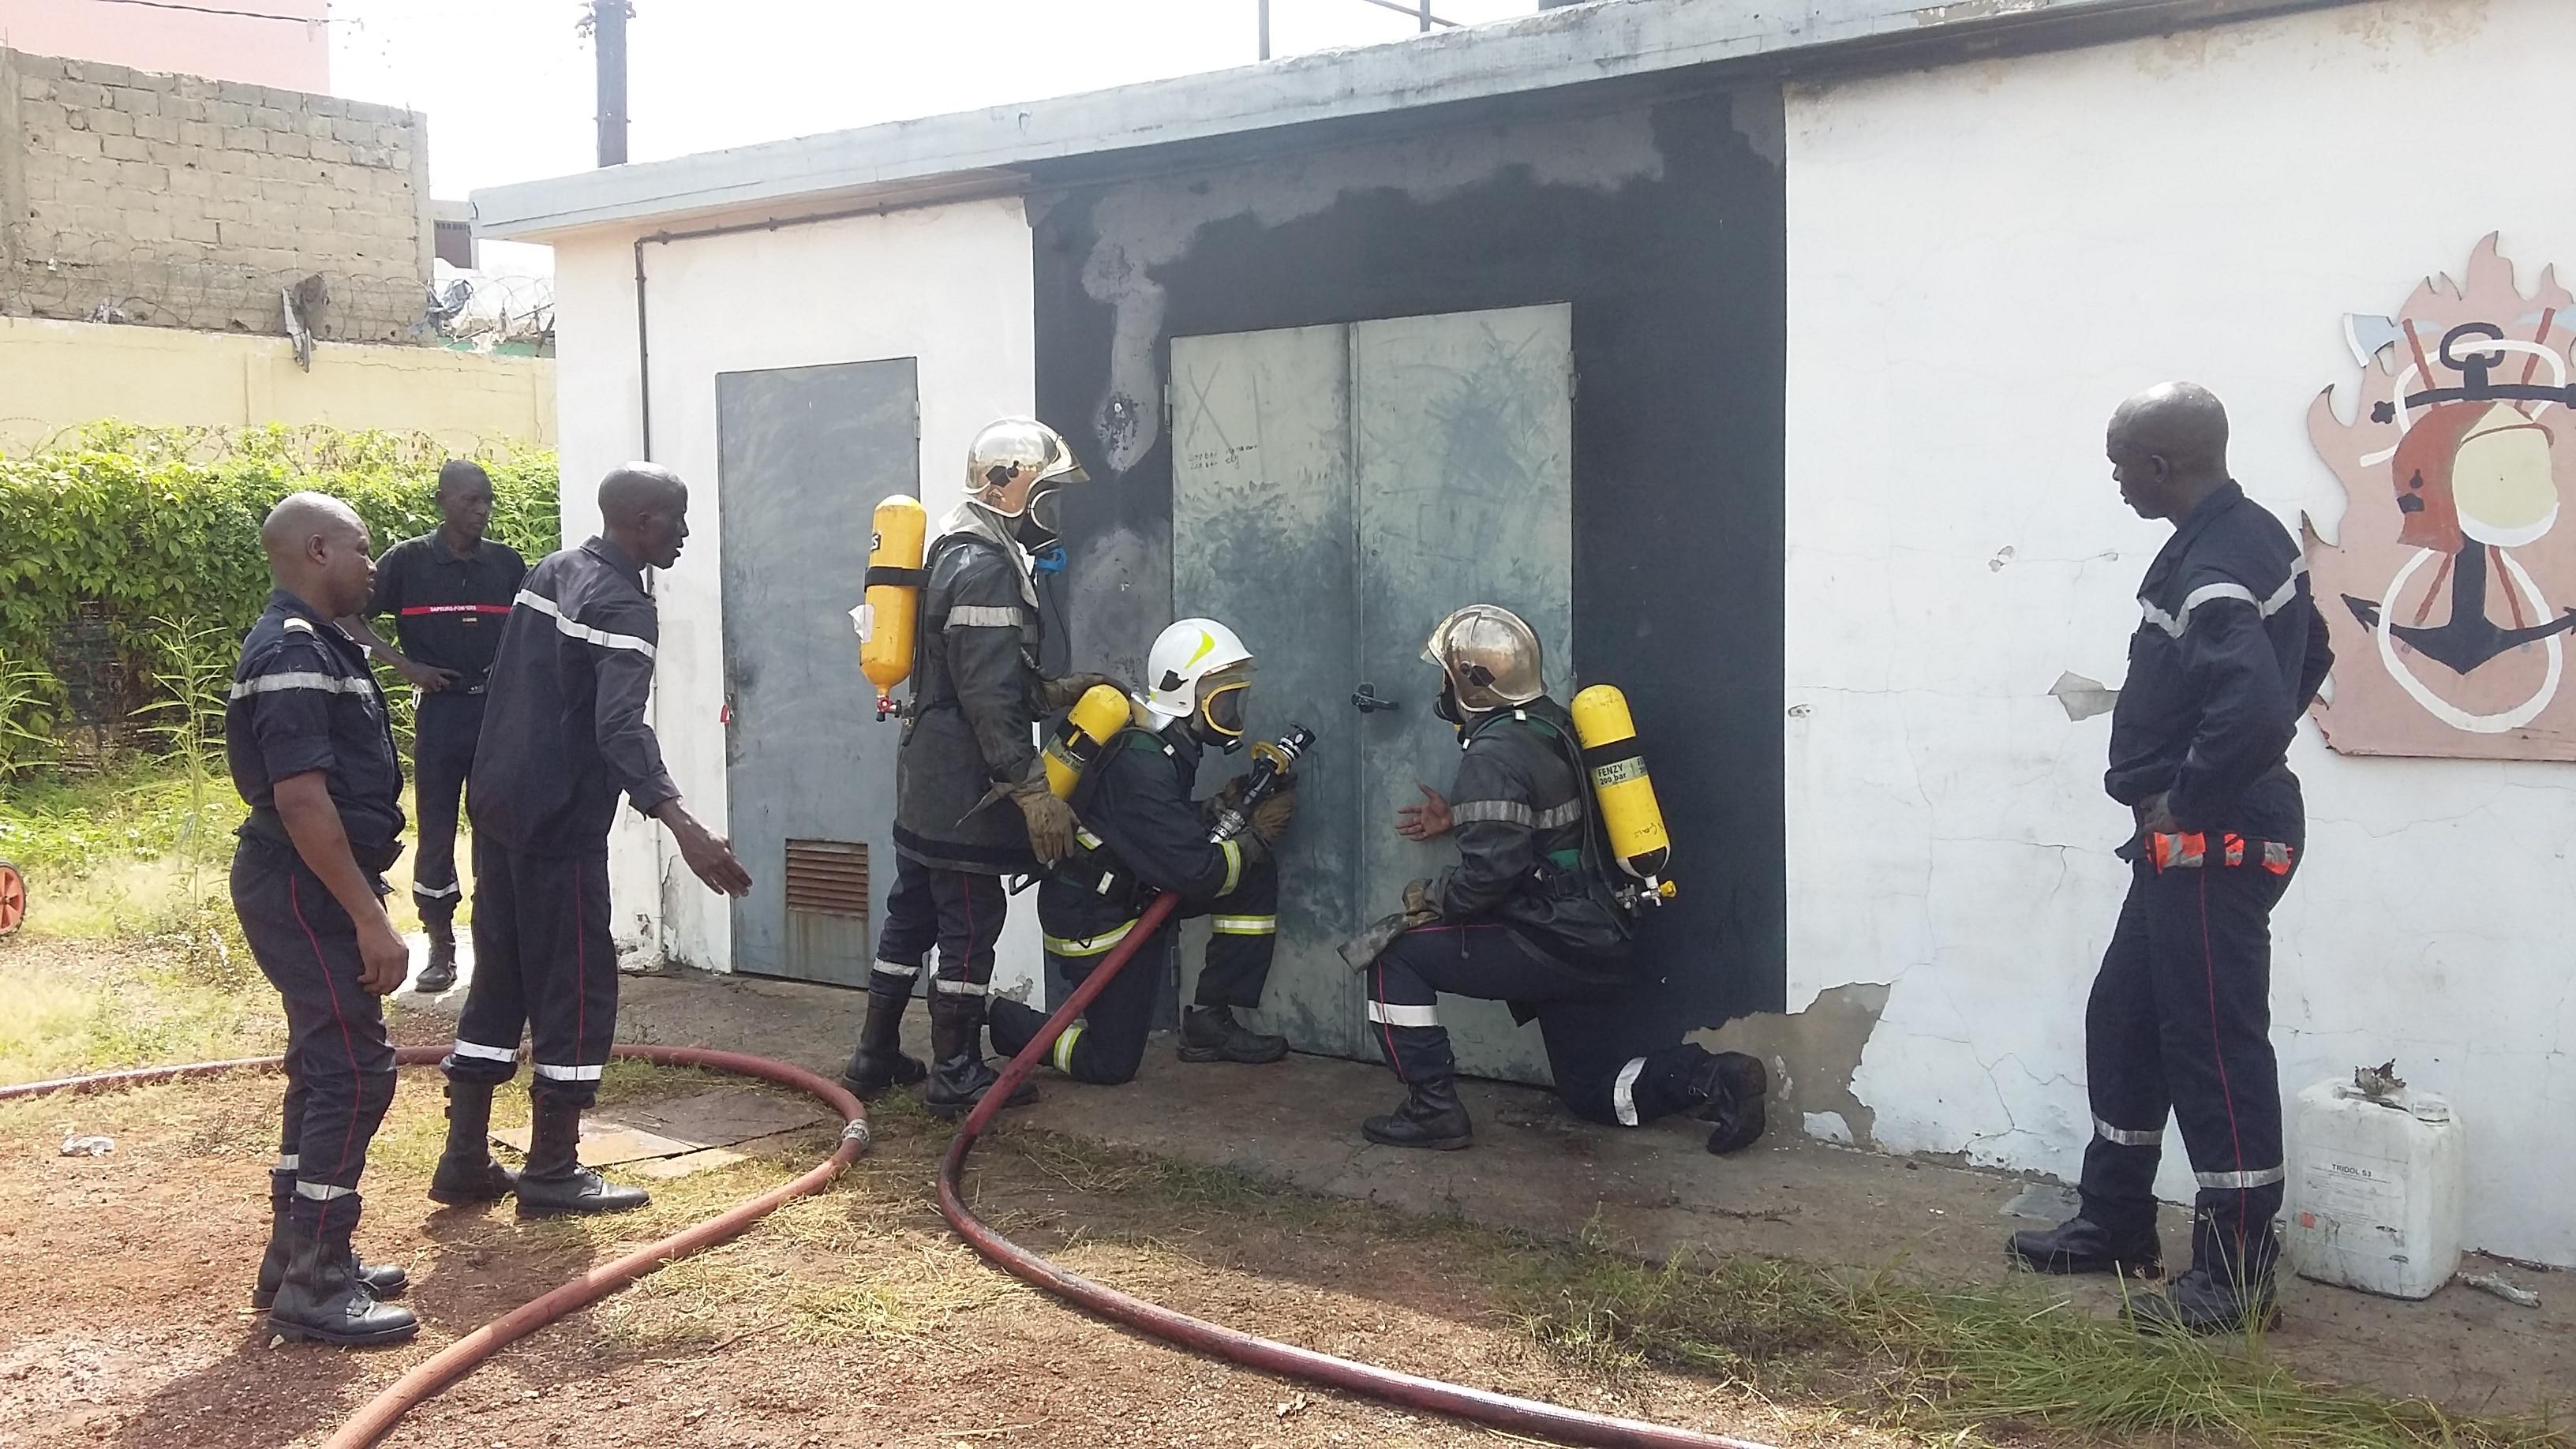 Nouveau commandant de la Brigade nationale des Sapeurs-pompiers : Macky Sall fait face à deux choix